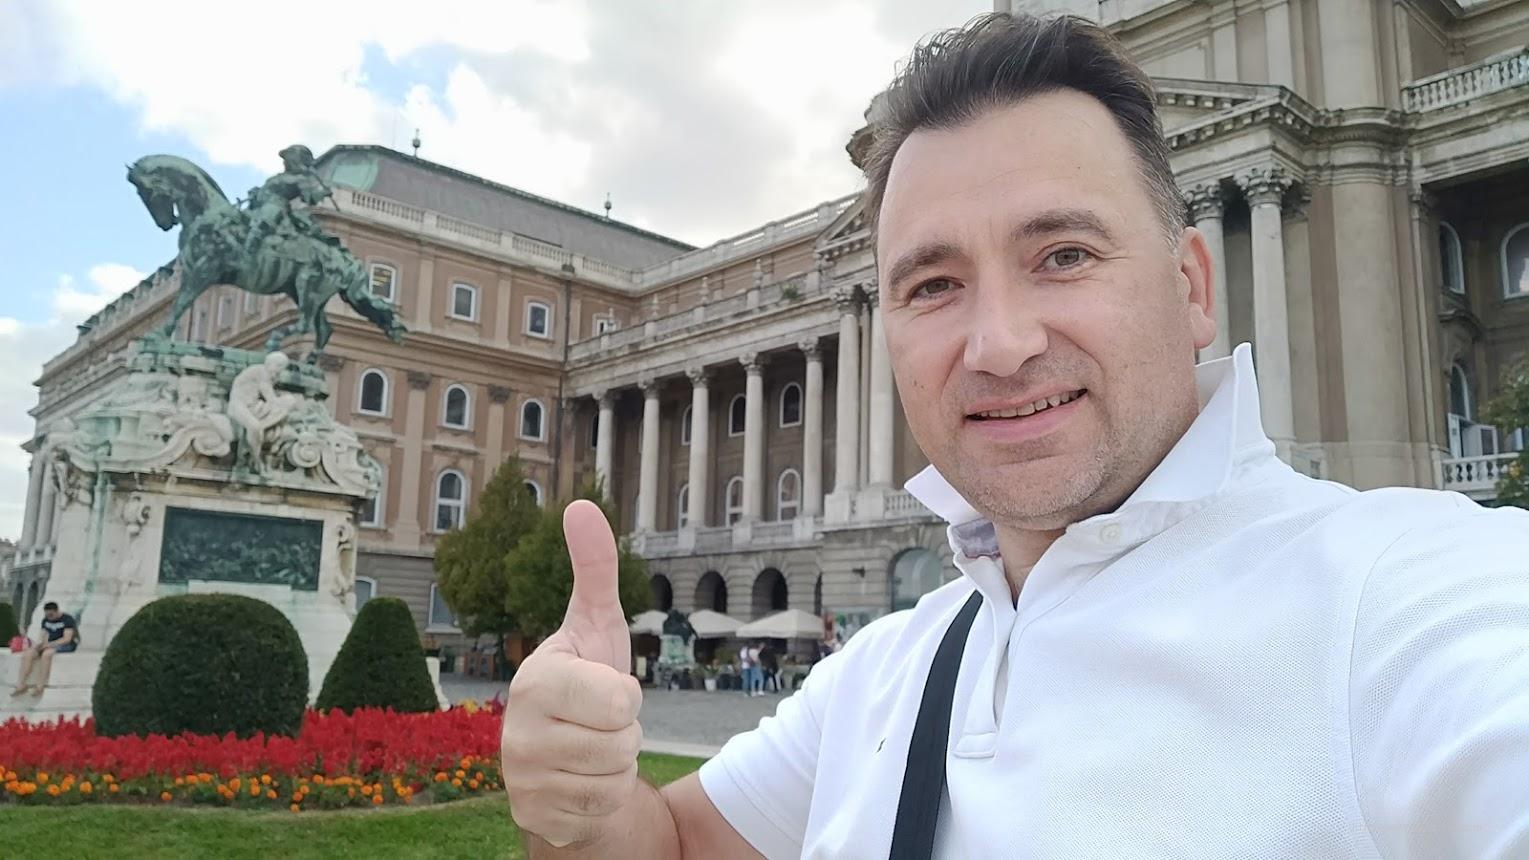 Летим в Будапешт самостоятельно! Как правильно организовать поездку на выходные